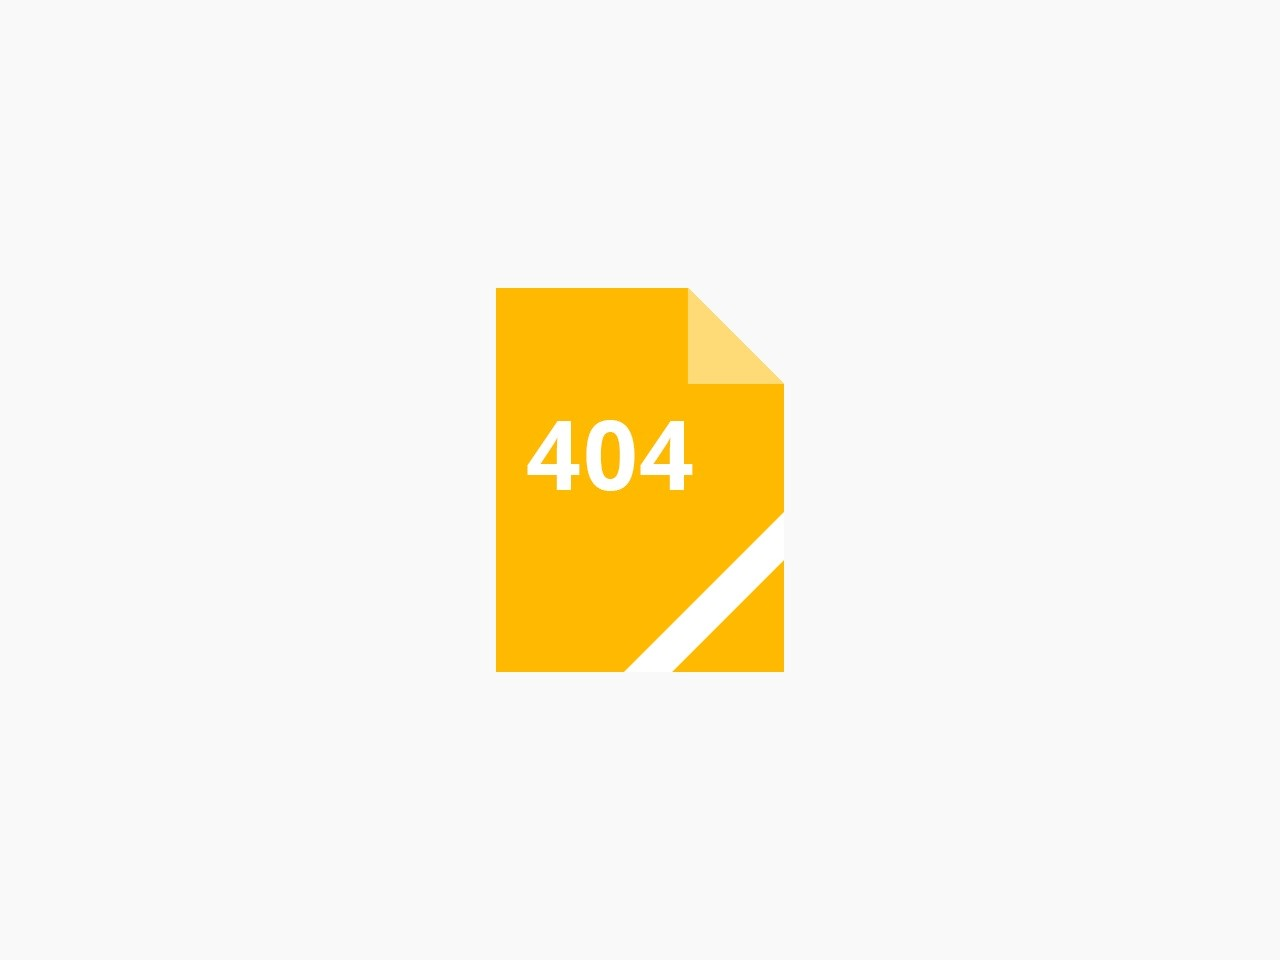 11/19付週間デジタルシングル(単曲)ランキング1位はback numberの「オールドファッション」